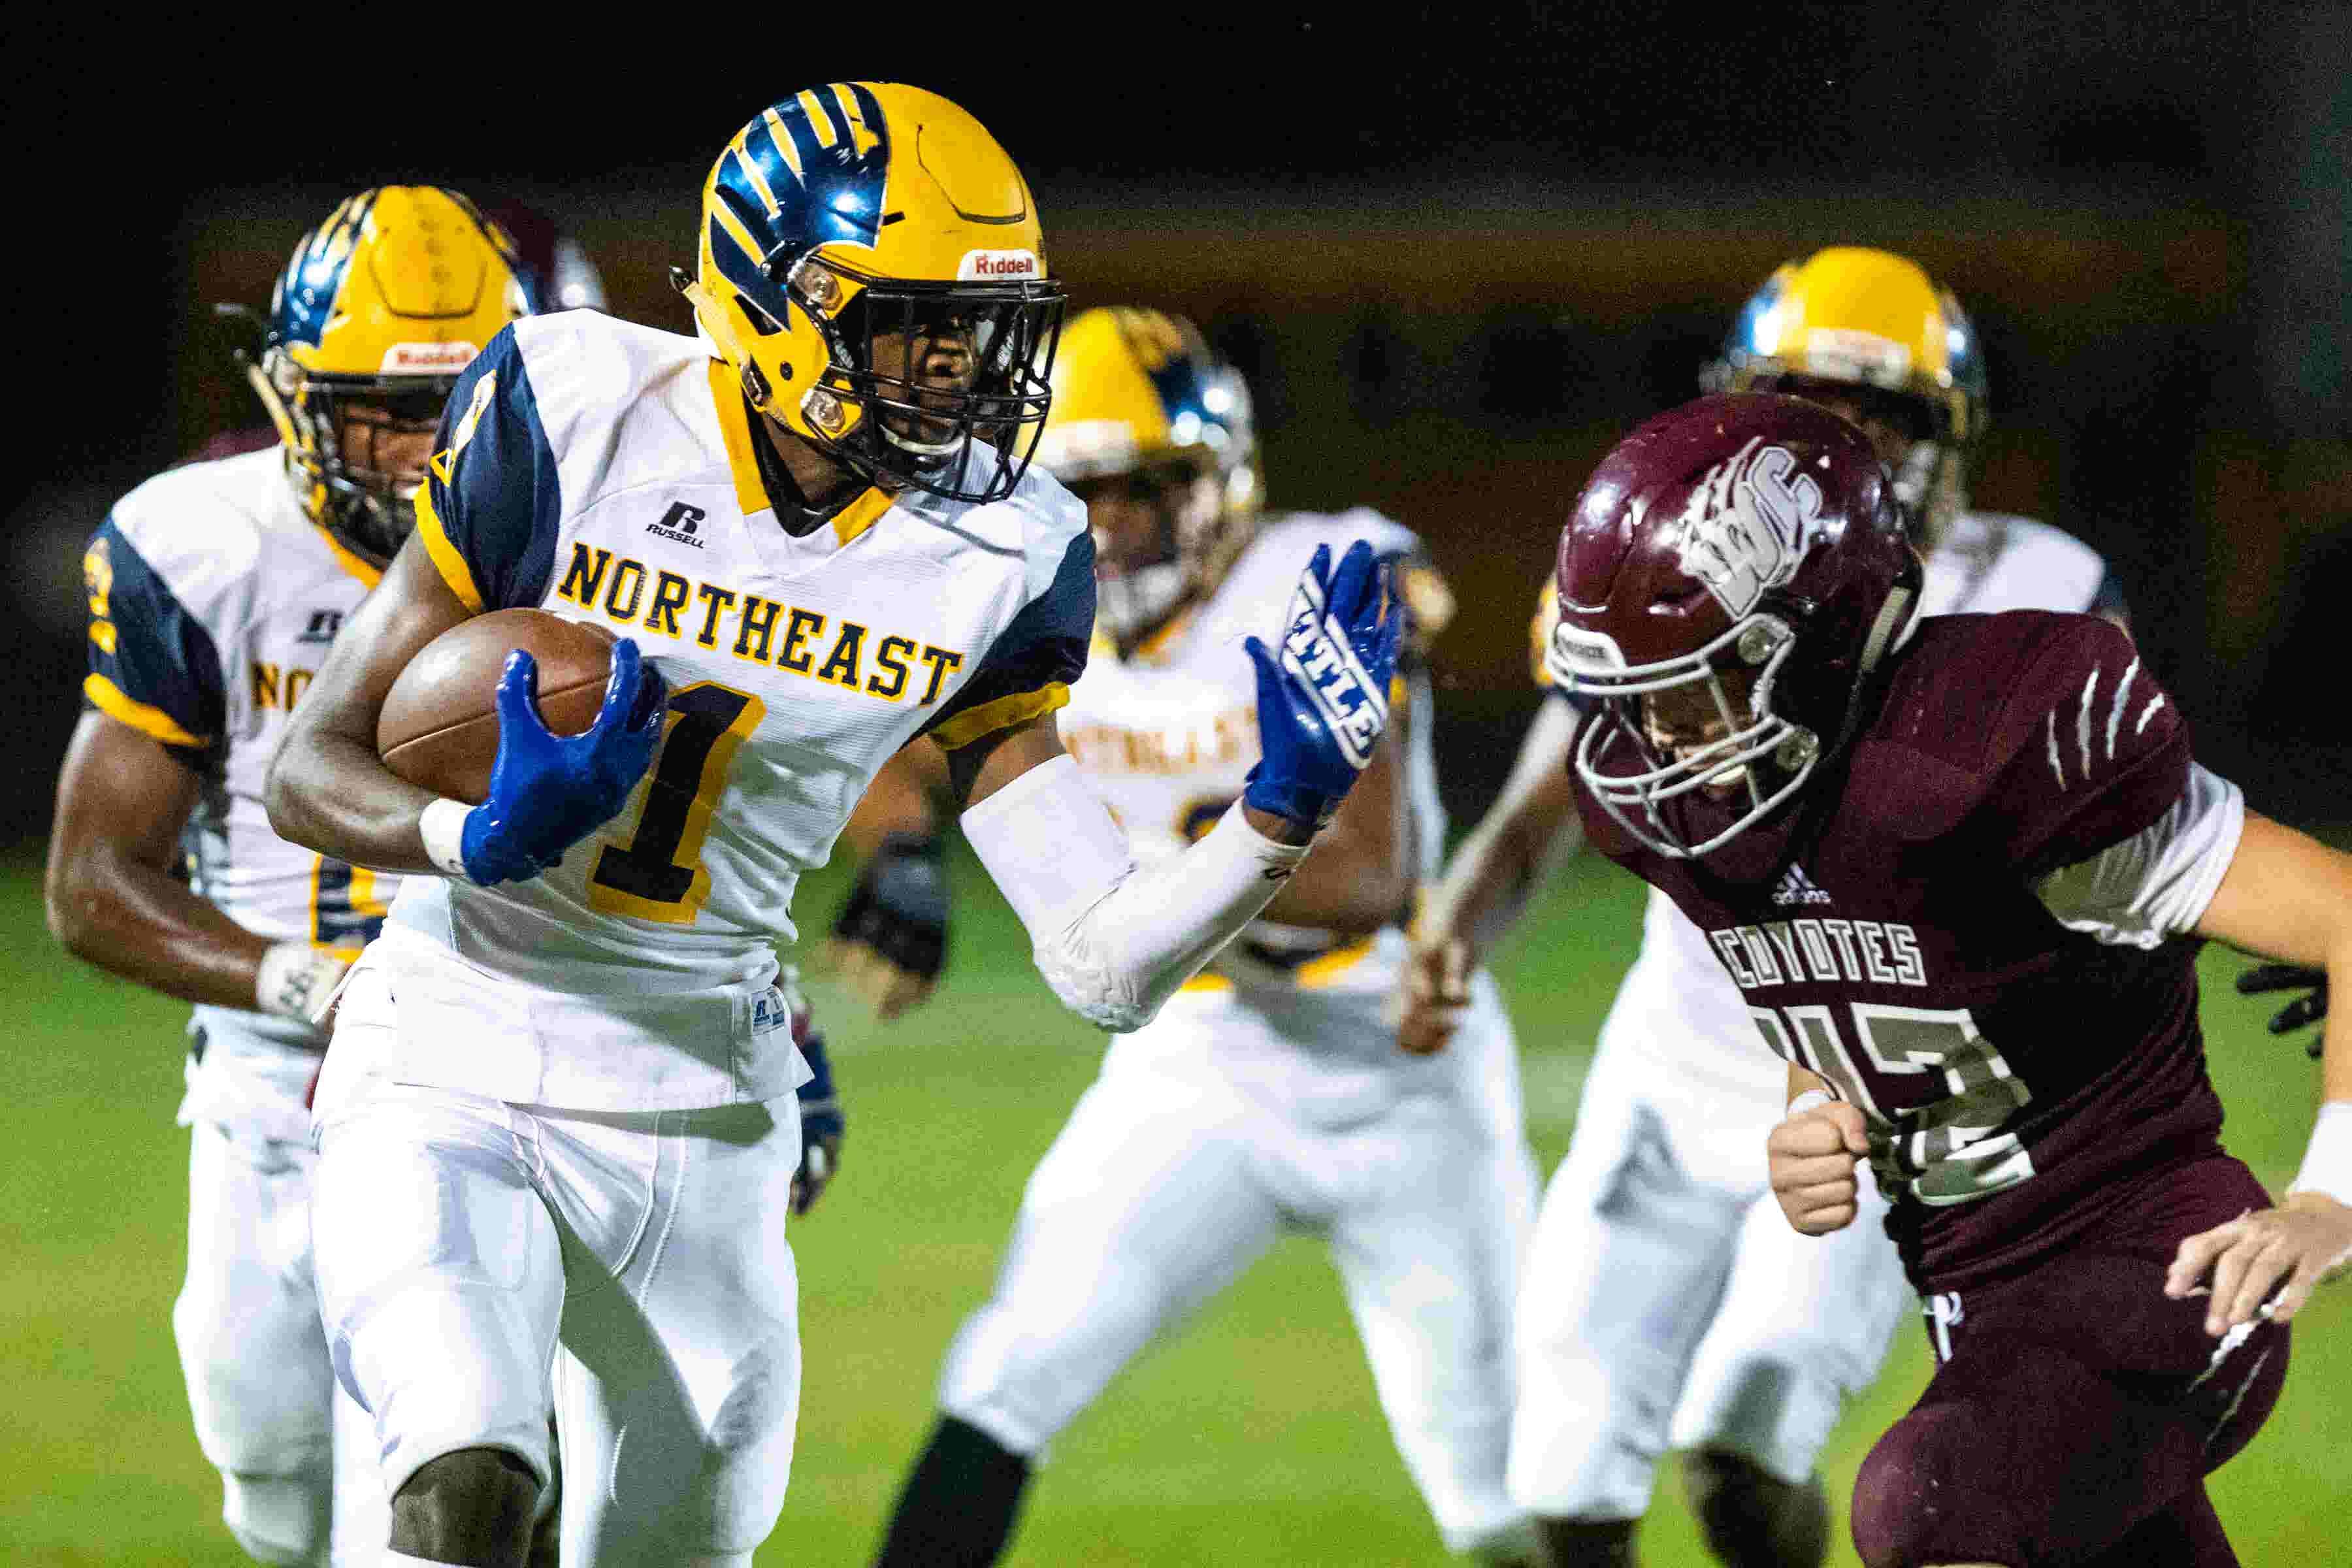 clarksville high football vs northeast top high school week 7 game